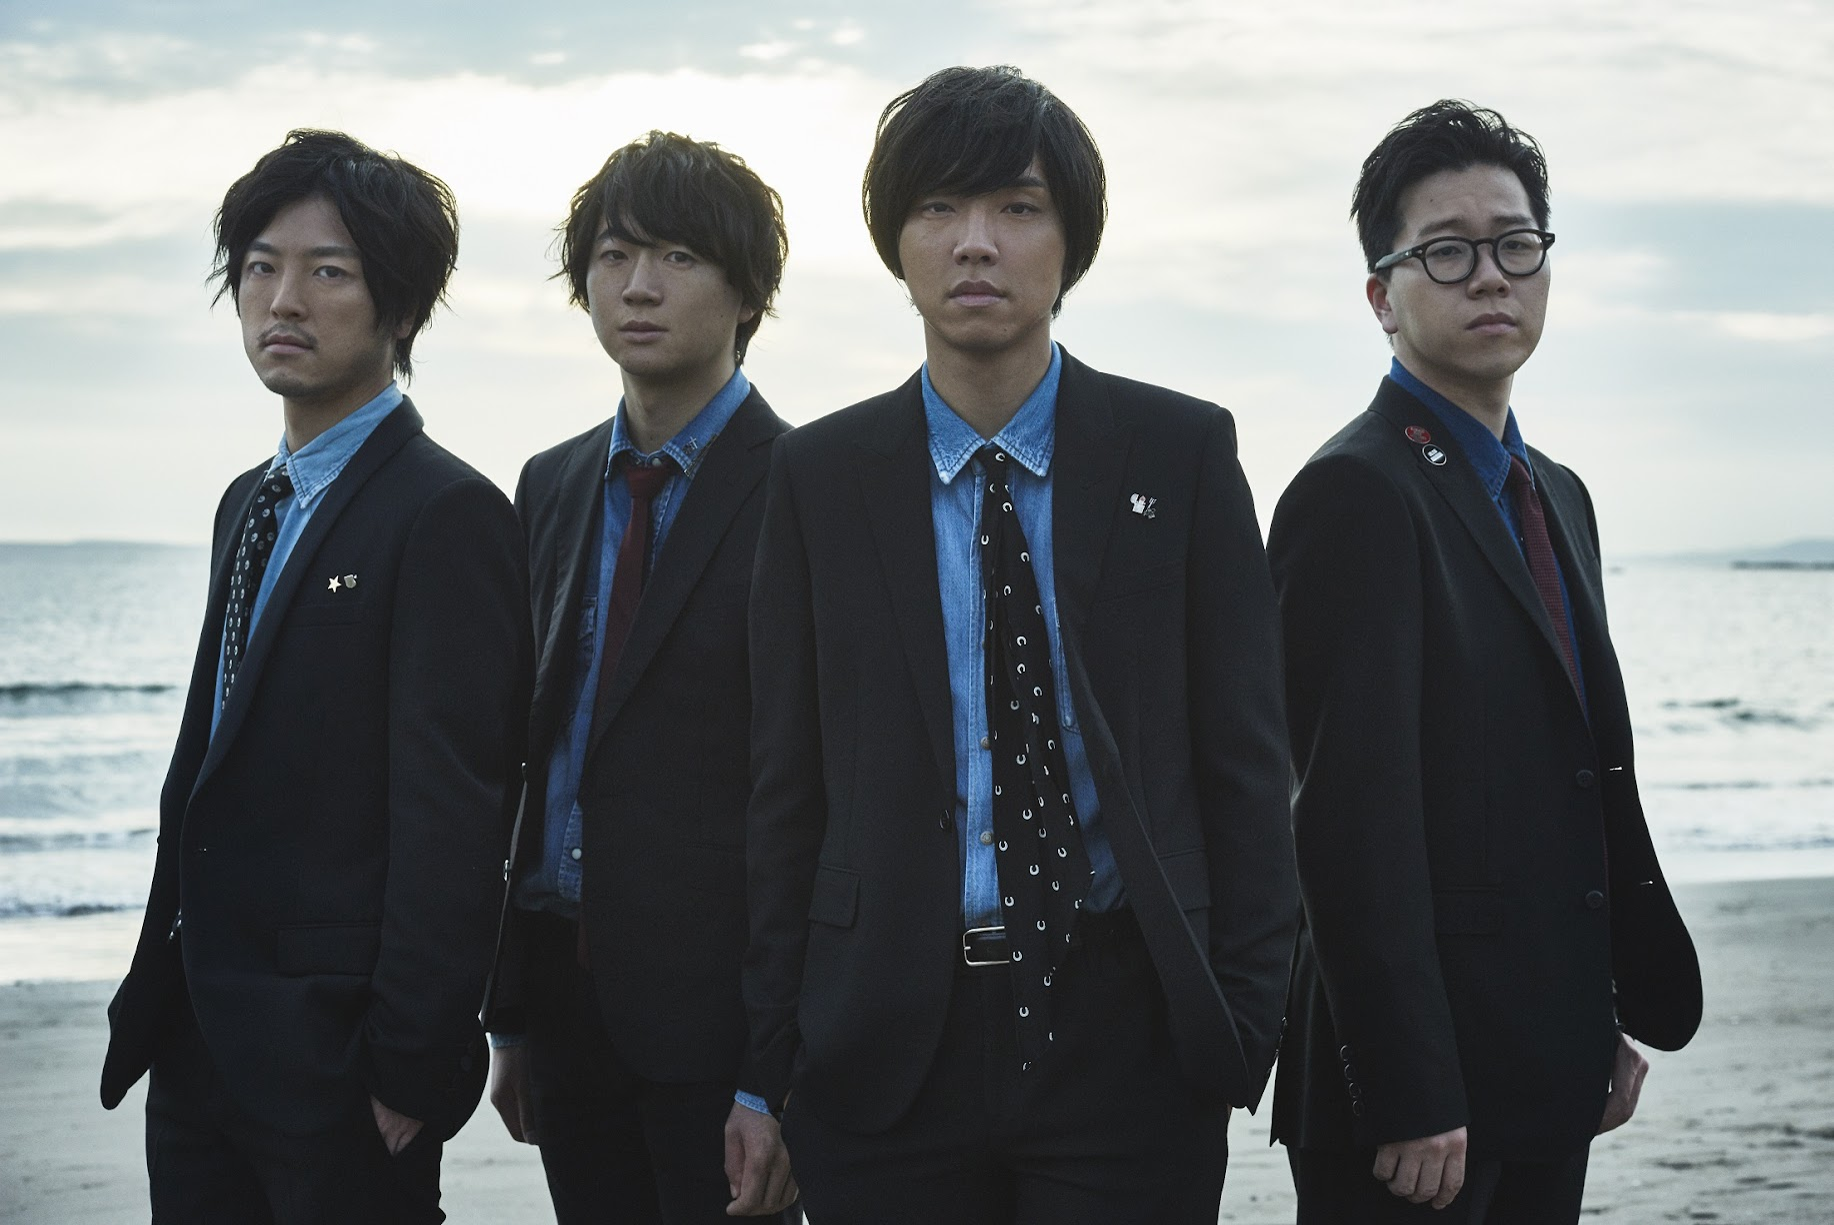 【MeMeOn インタビュー】日本人気バンド androp 「僕らの音楽で聞いてくれる人を明るい場所へ連れていきたい」